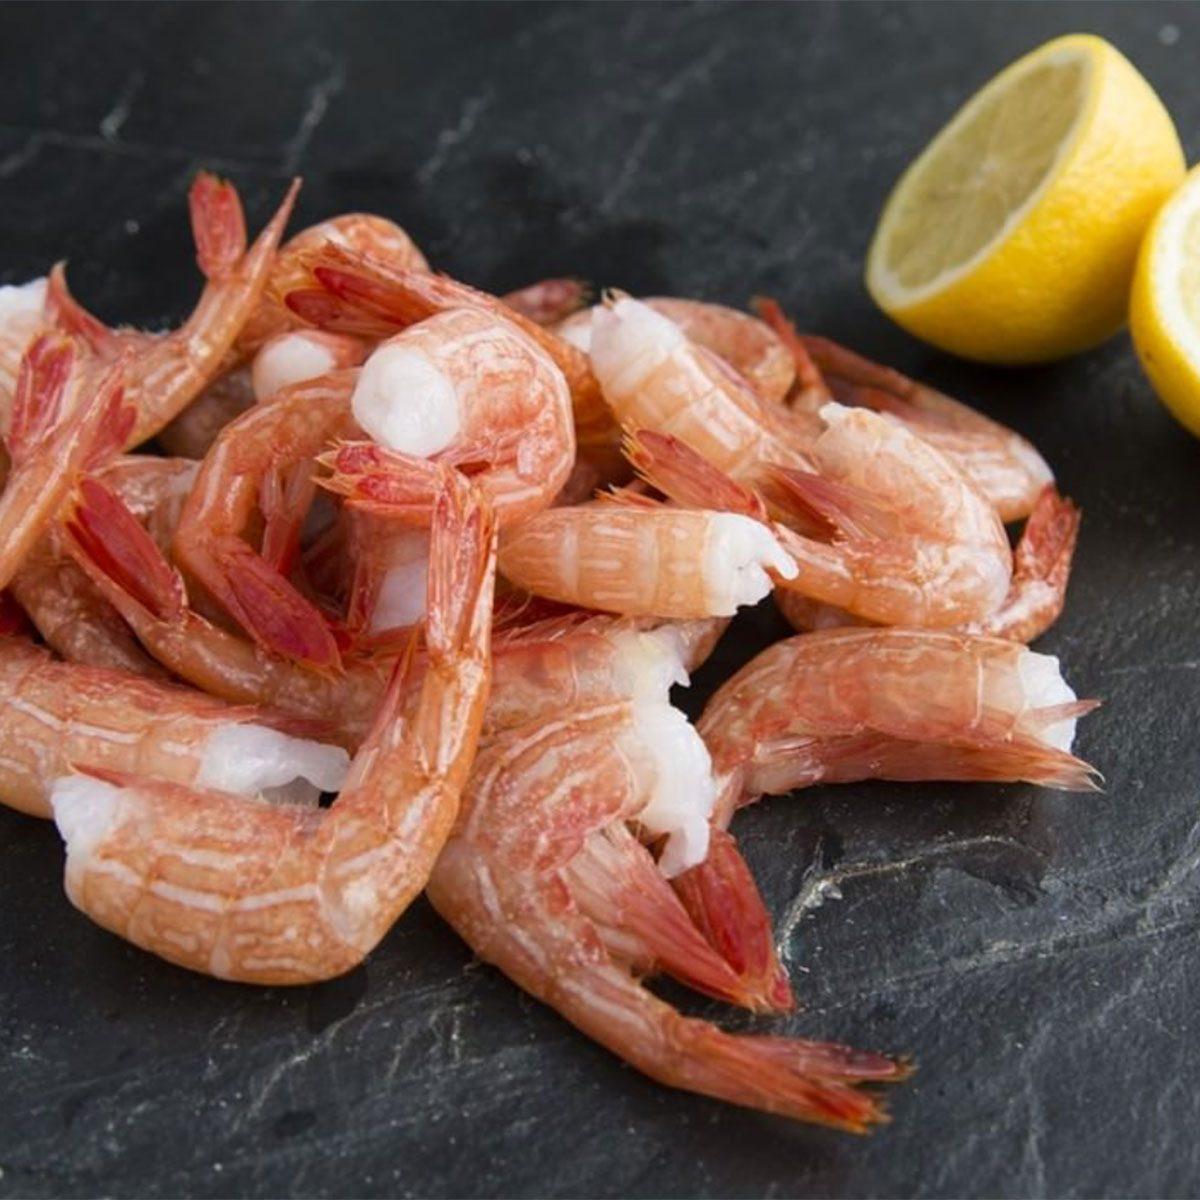 Shrimp beside a cut lemon